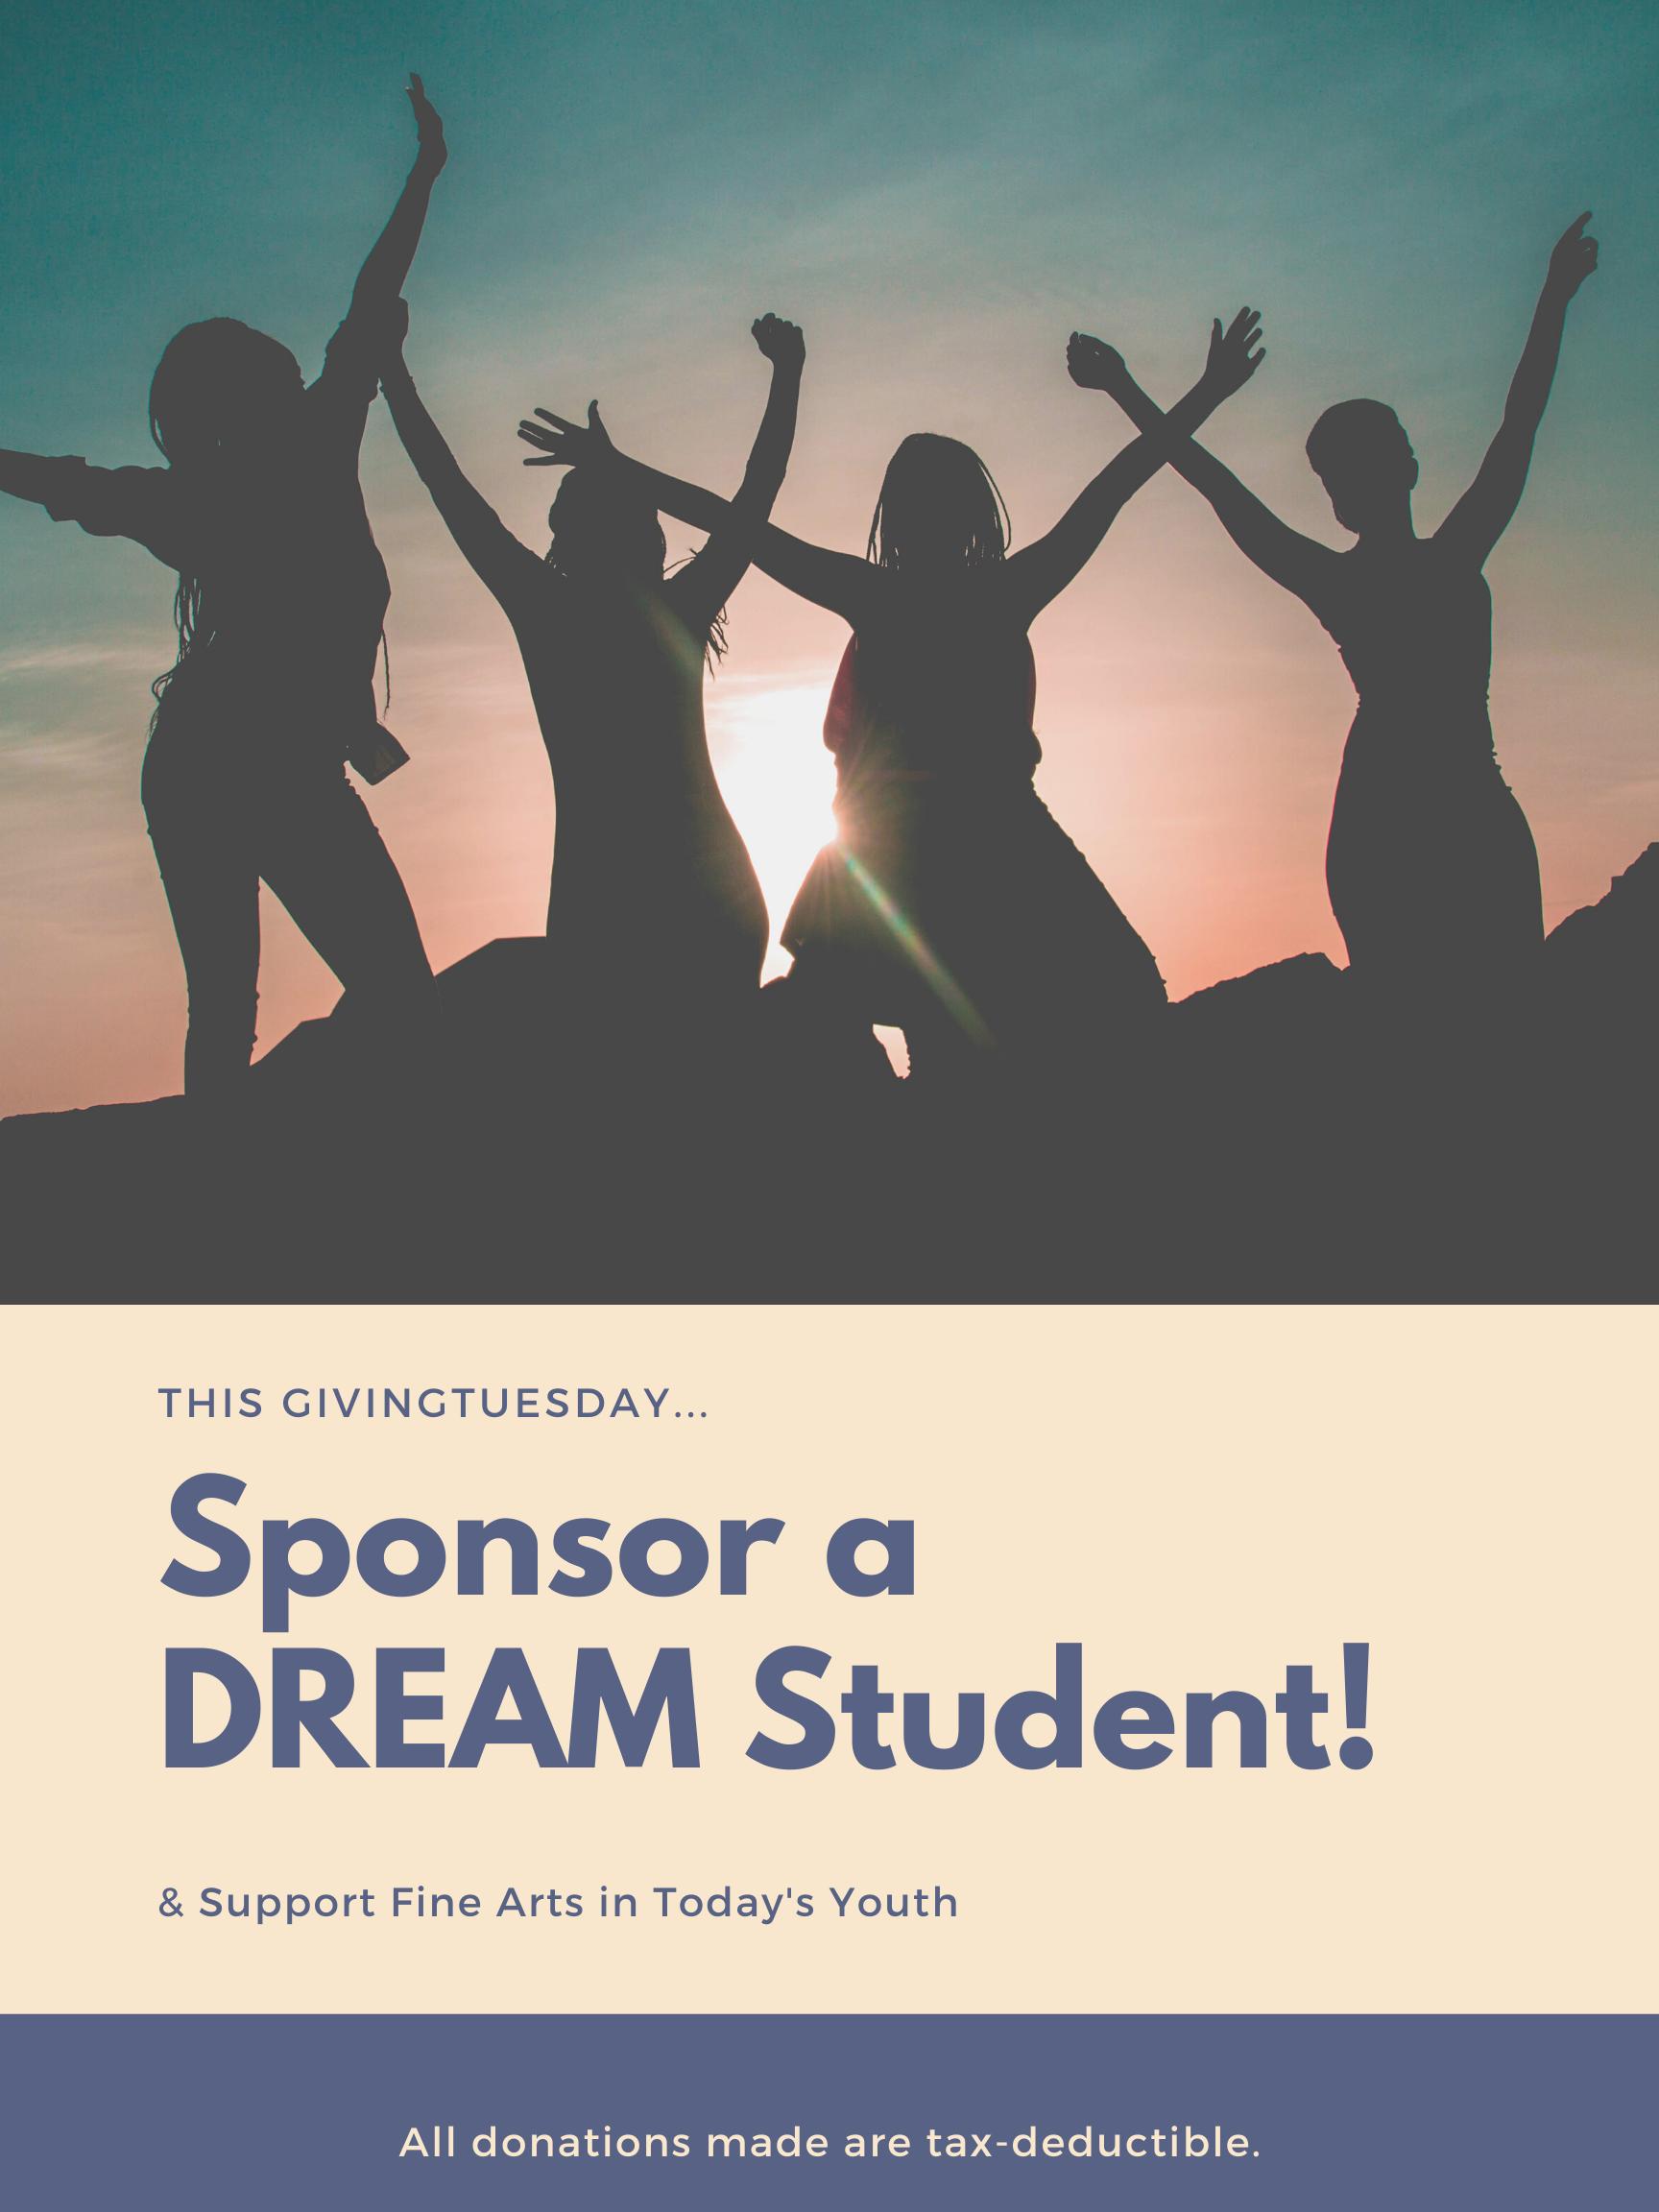 Sponsor a DREAM Student!